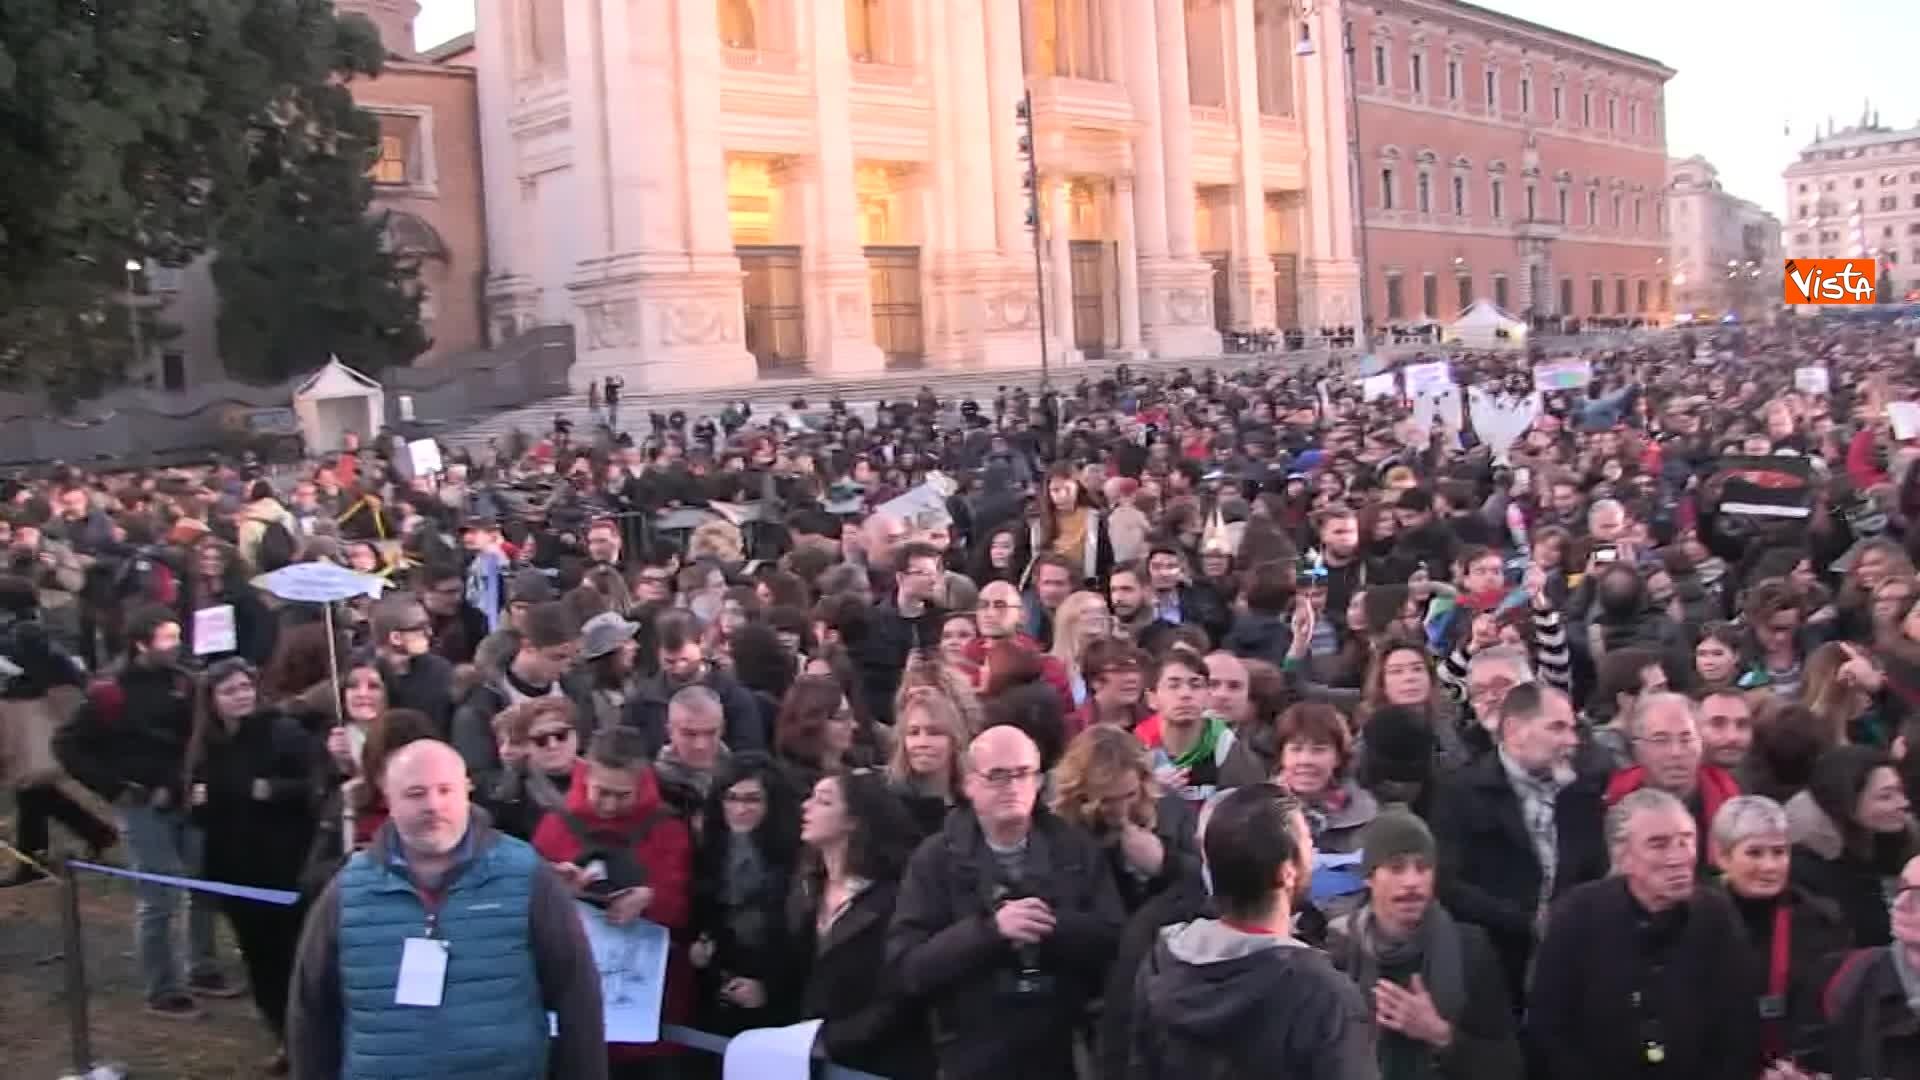 14-12-19 Le sardine riempiono piazza San Giovanni_09